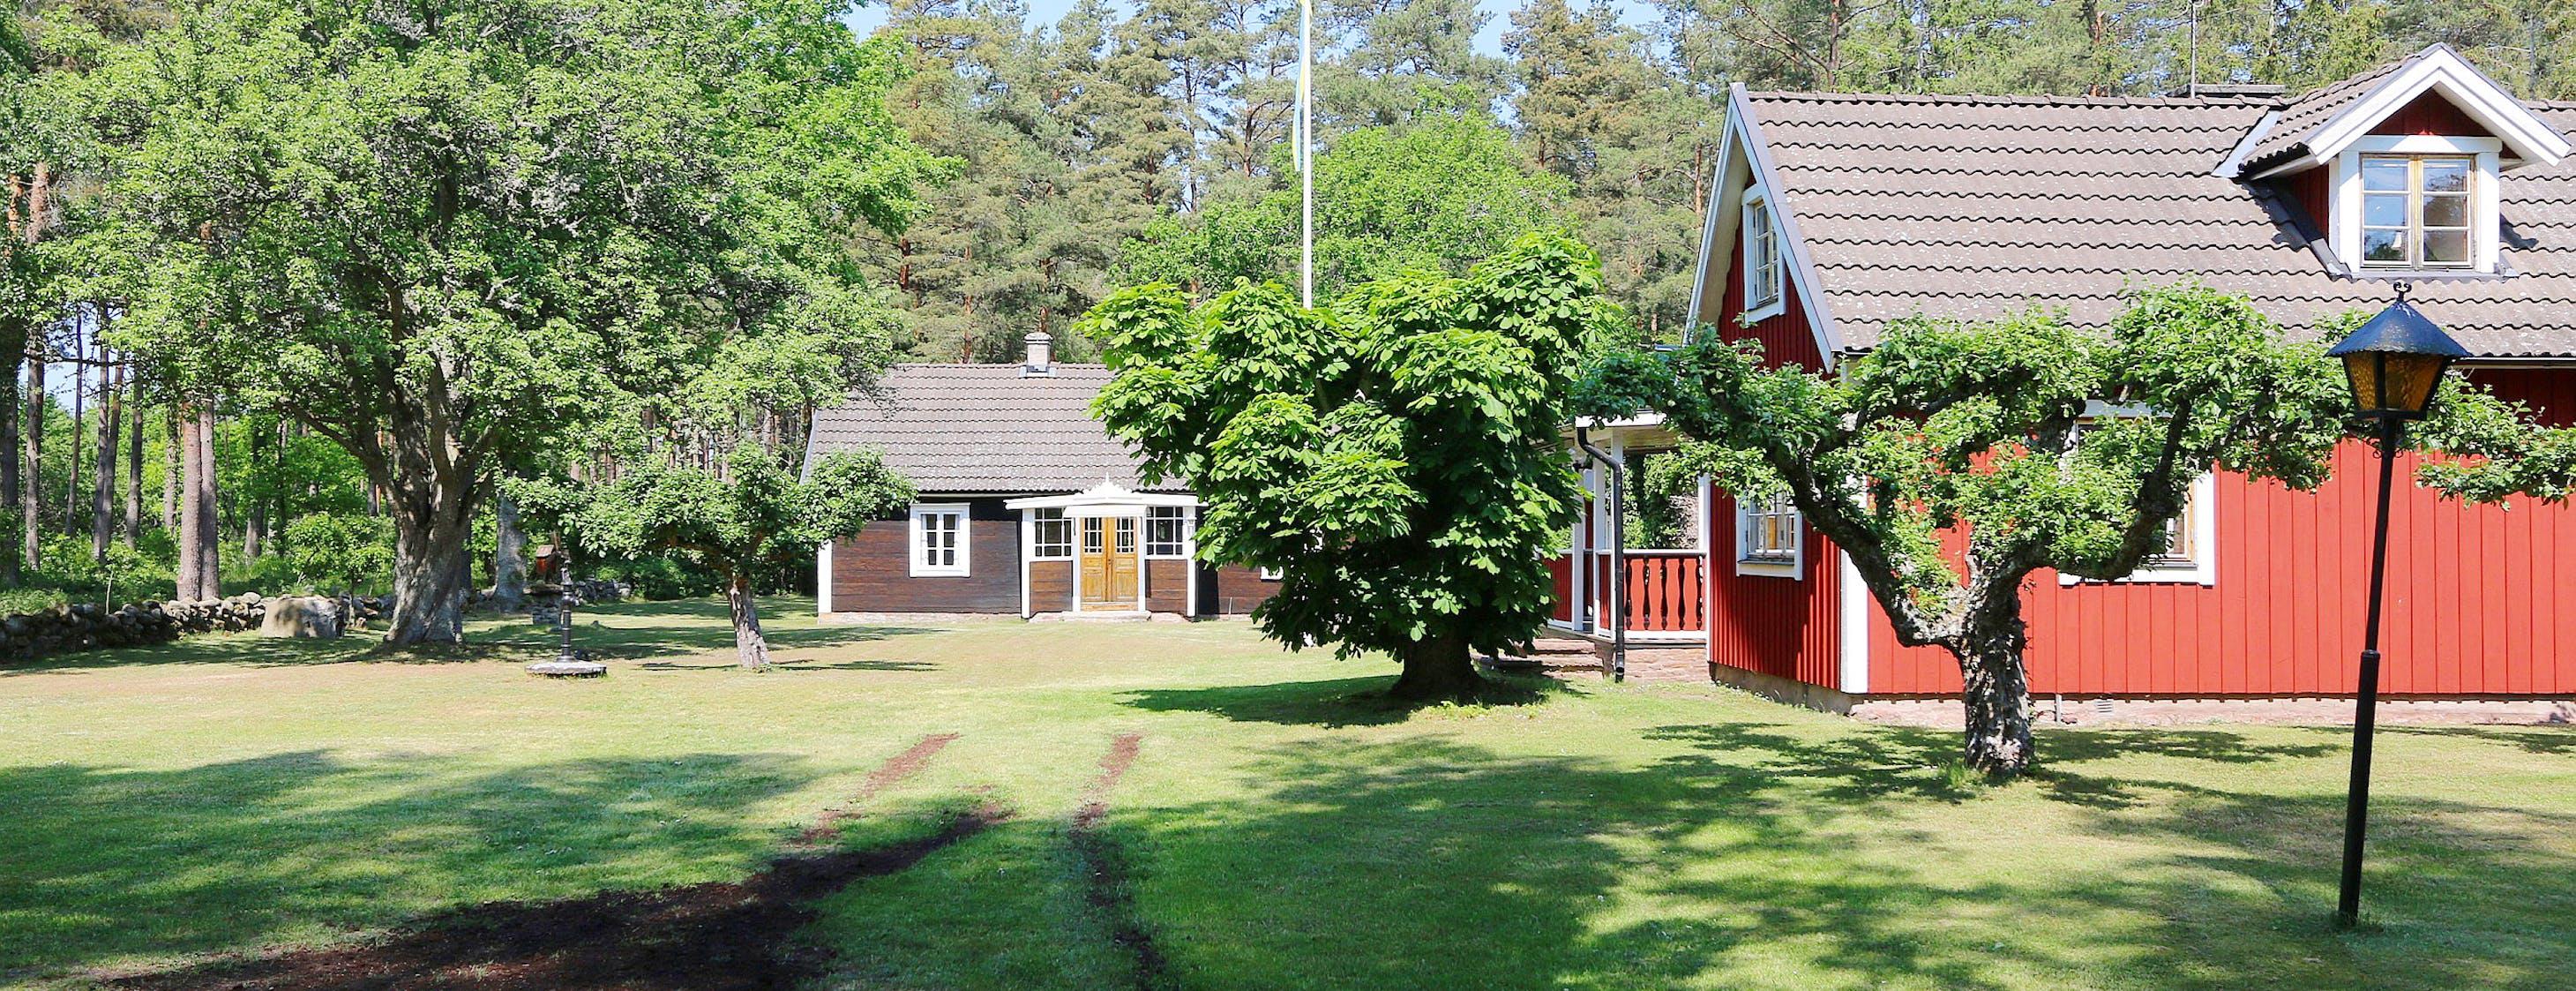 Lindbyvägen 88 Lindby Tall